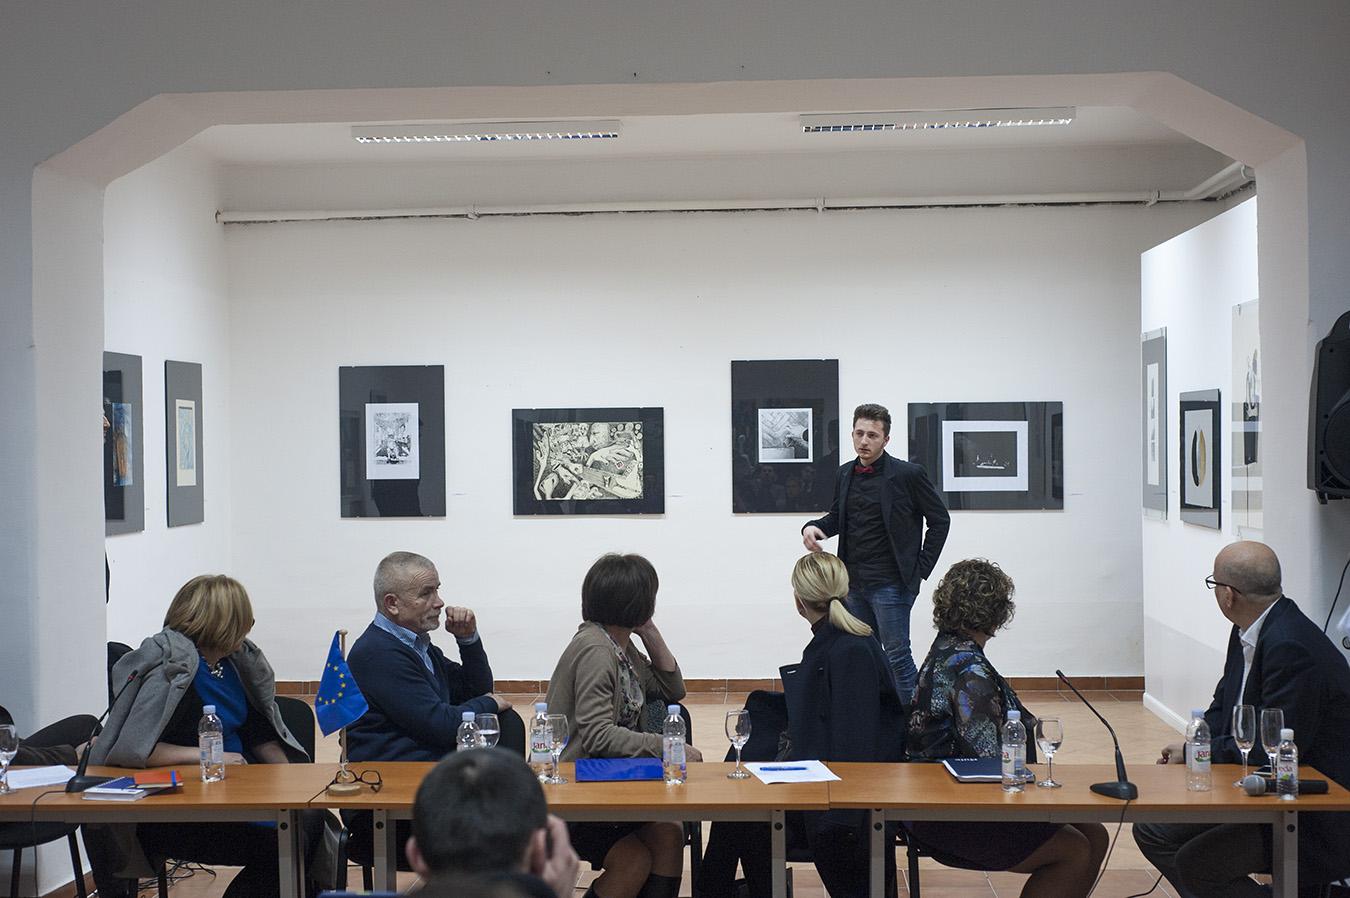 Izložba umjetničkih studentskih radova i panel diskusija o djeci i obrazovanju